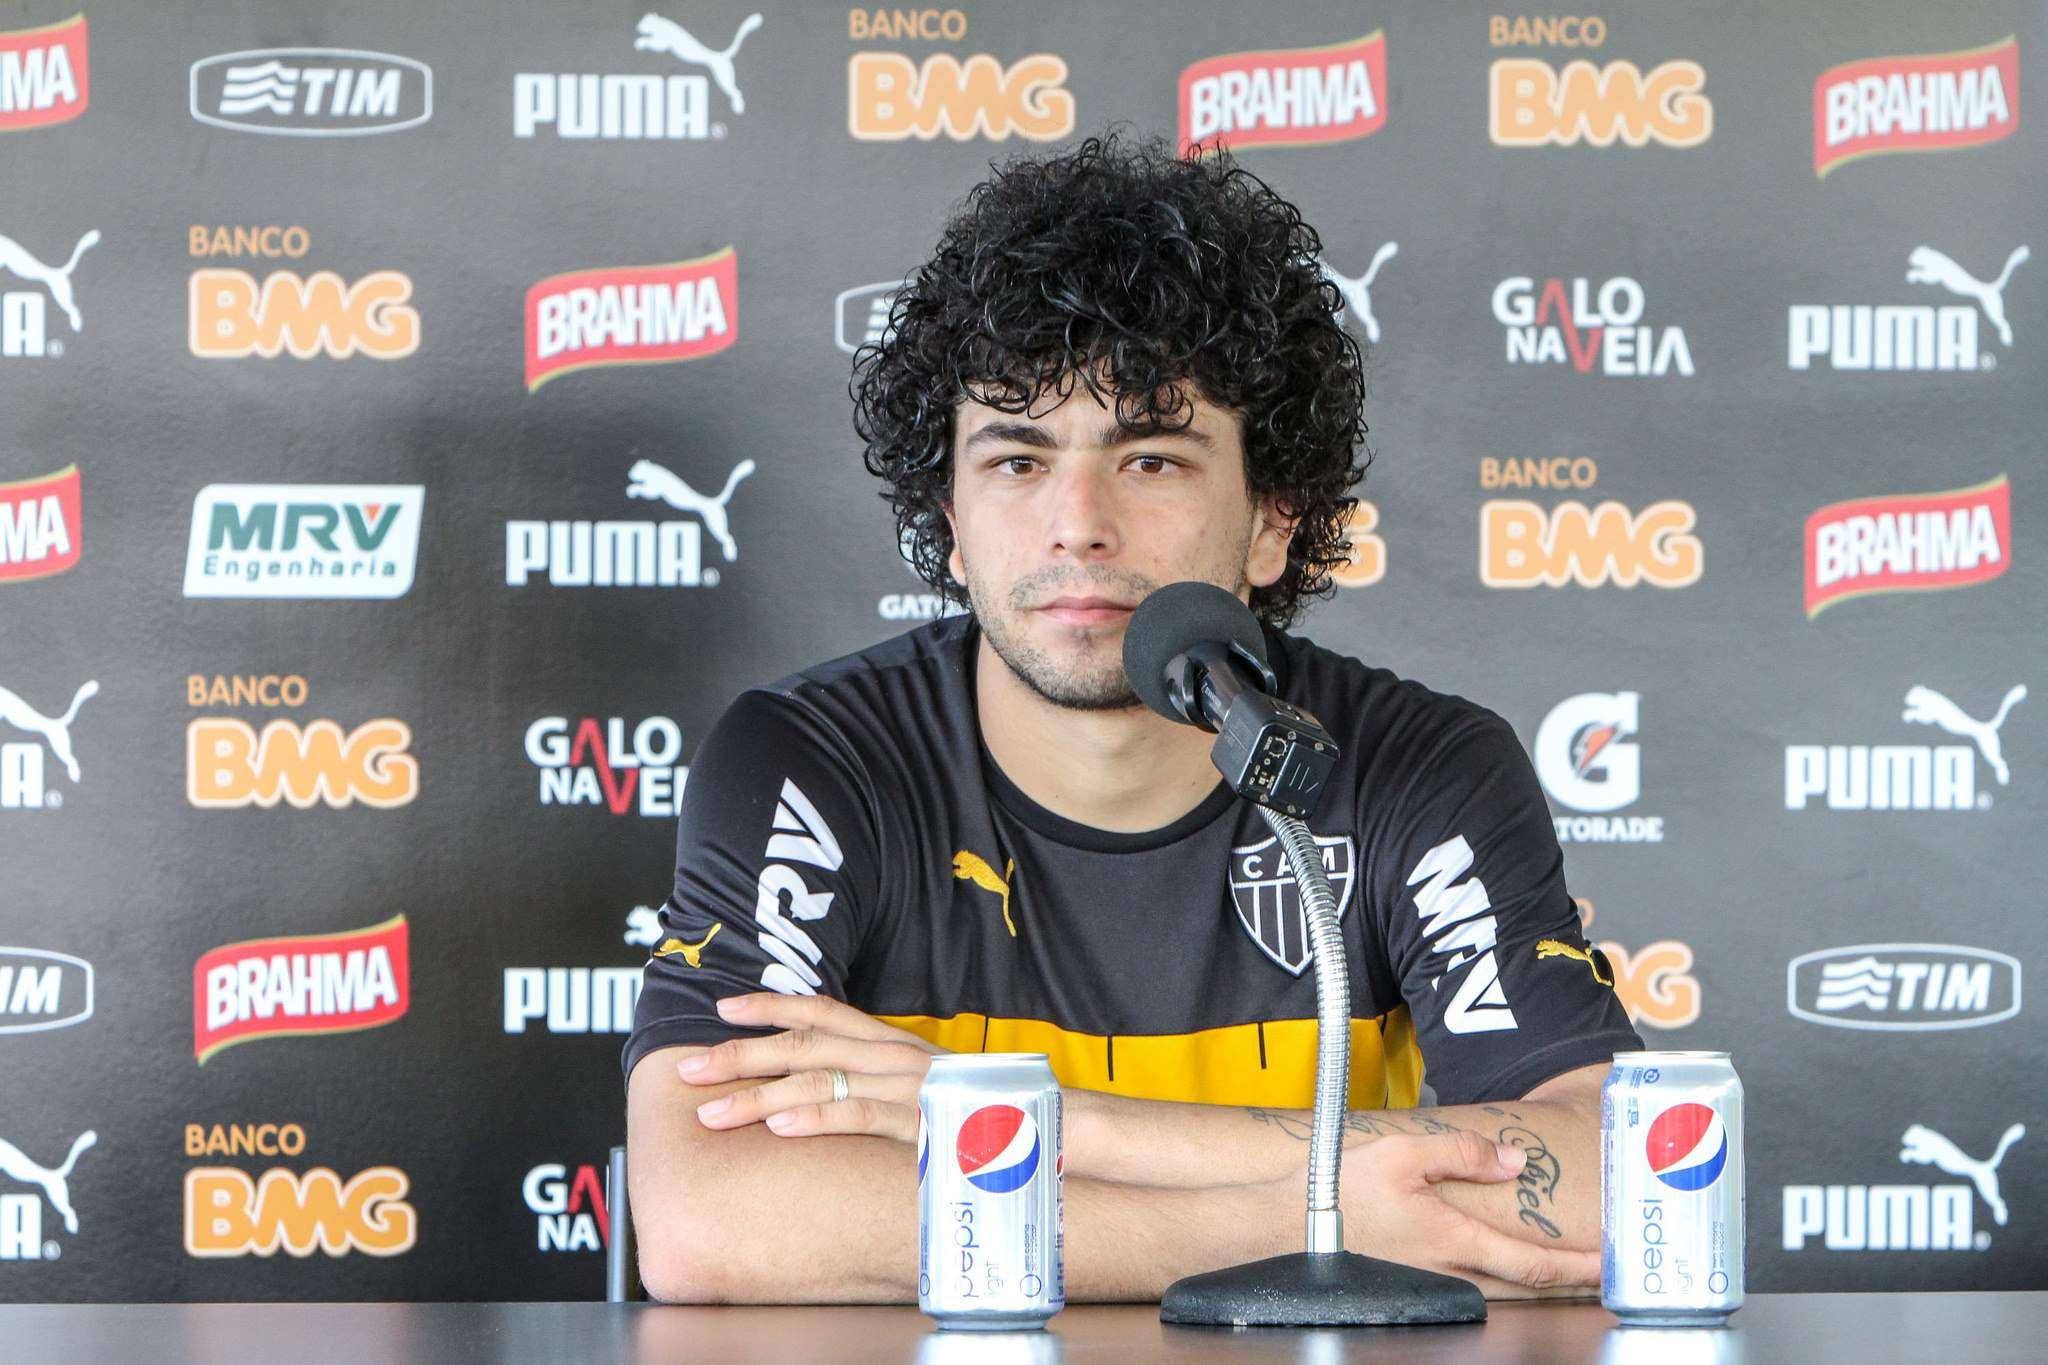 Luan é um dos queridinhos da torcida do Atlético-MG Foto: Bruno Cantini/Divulgação